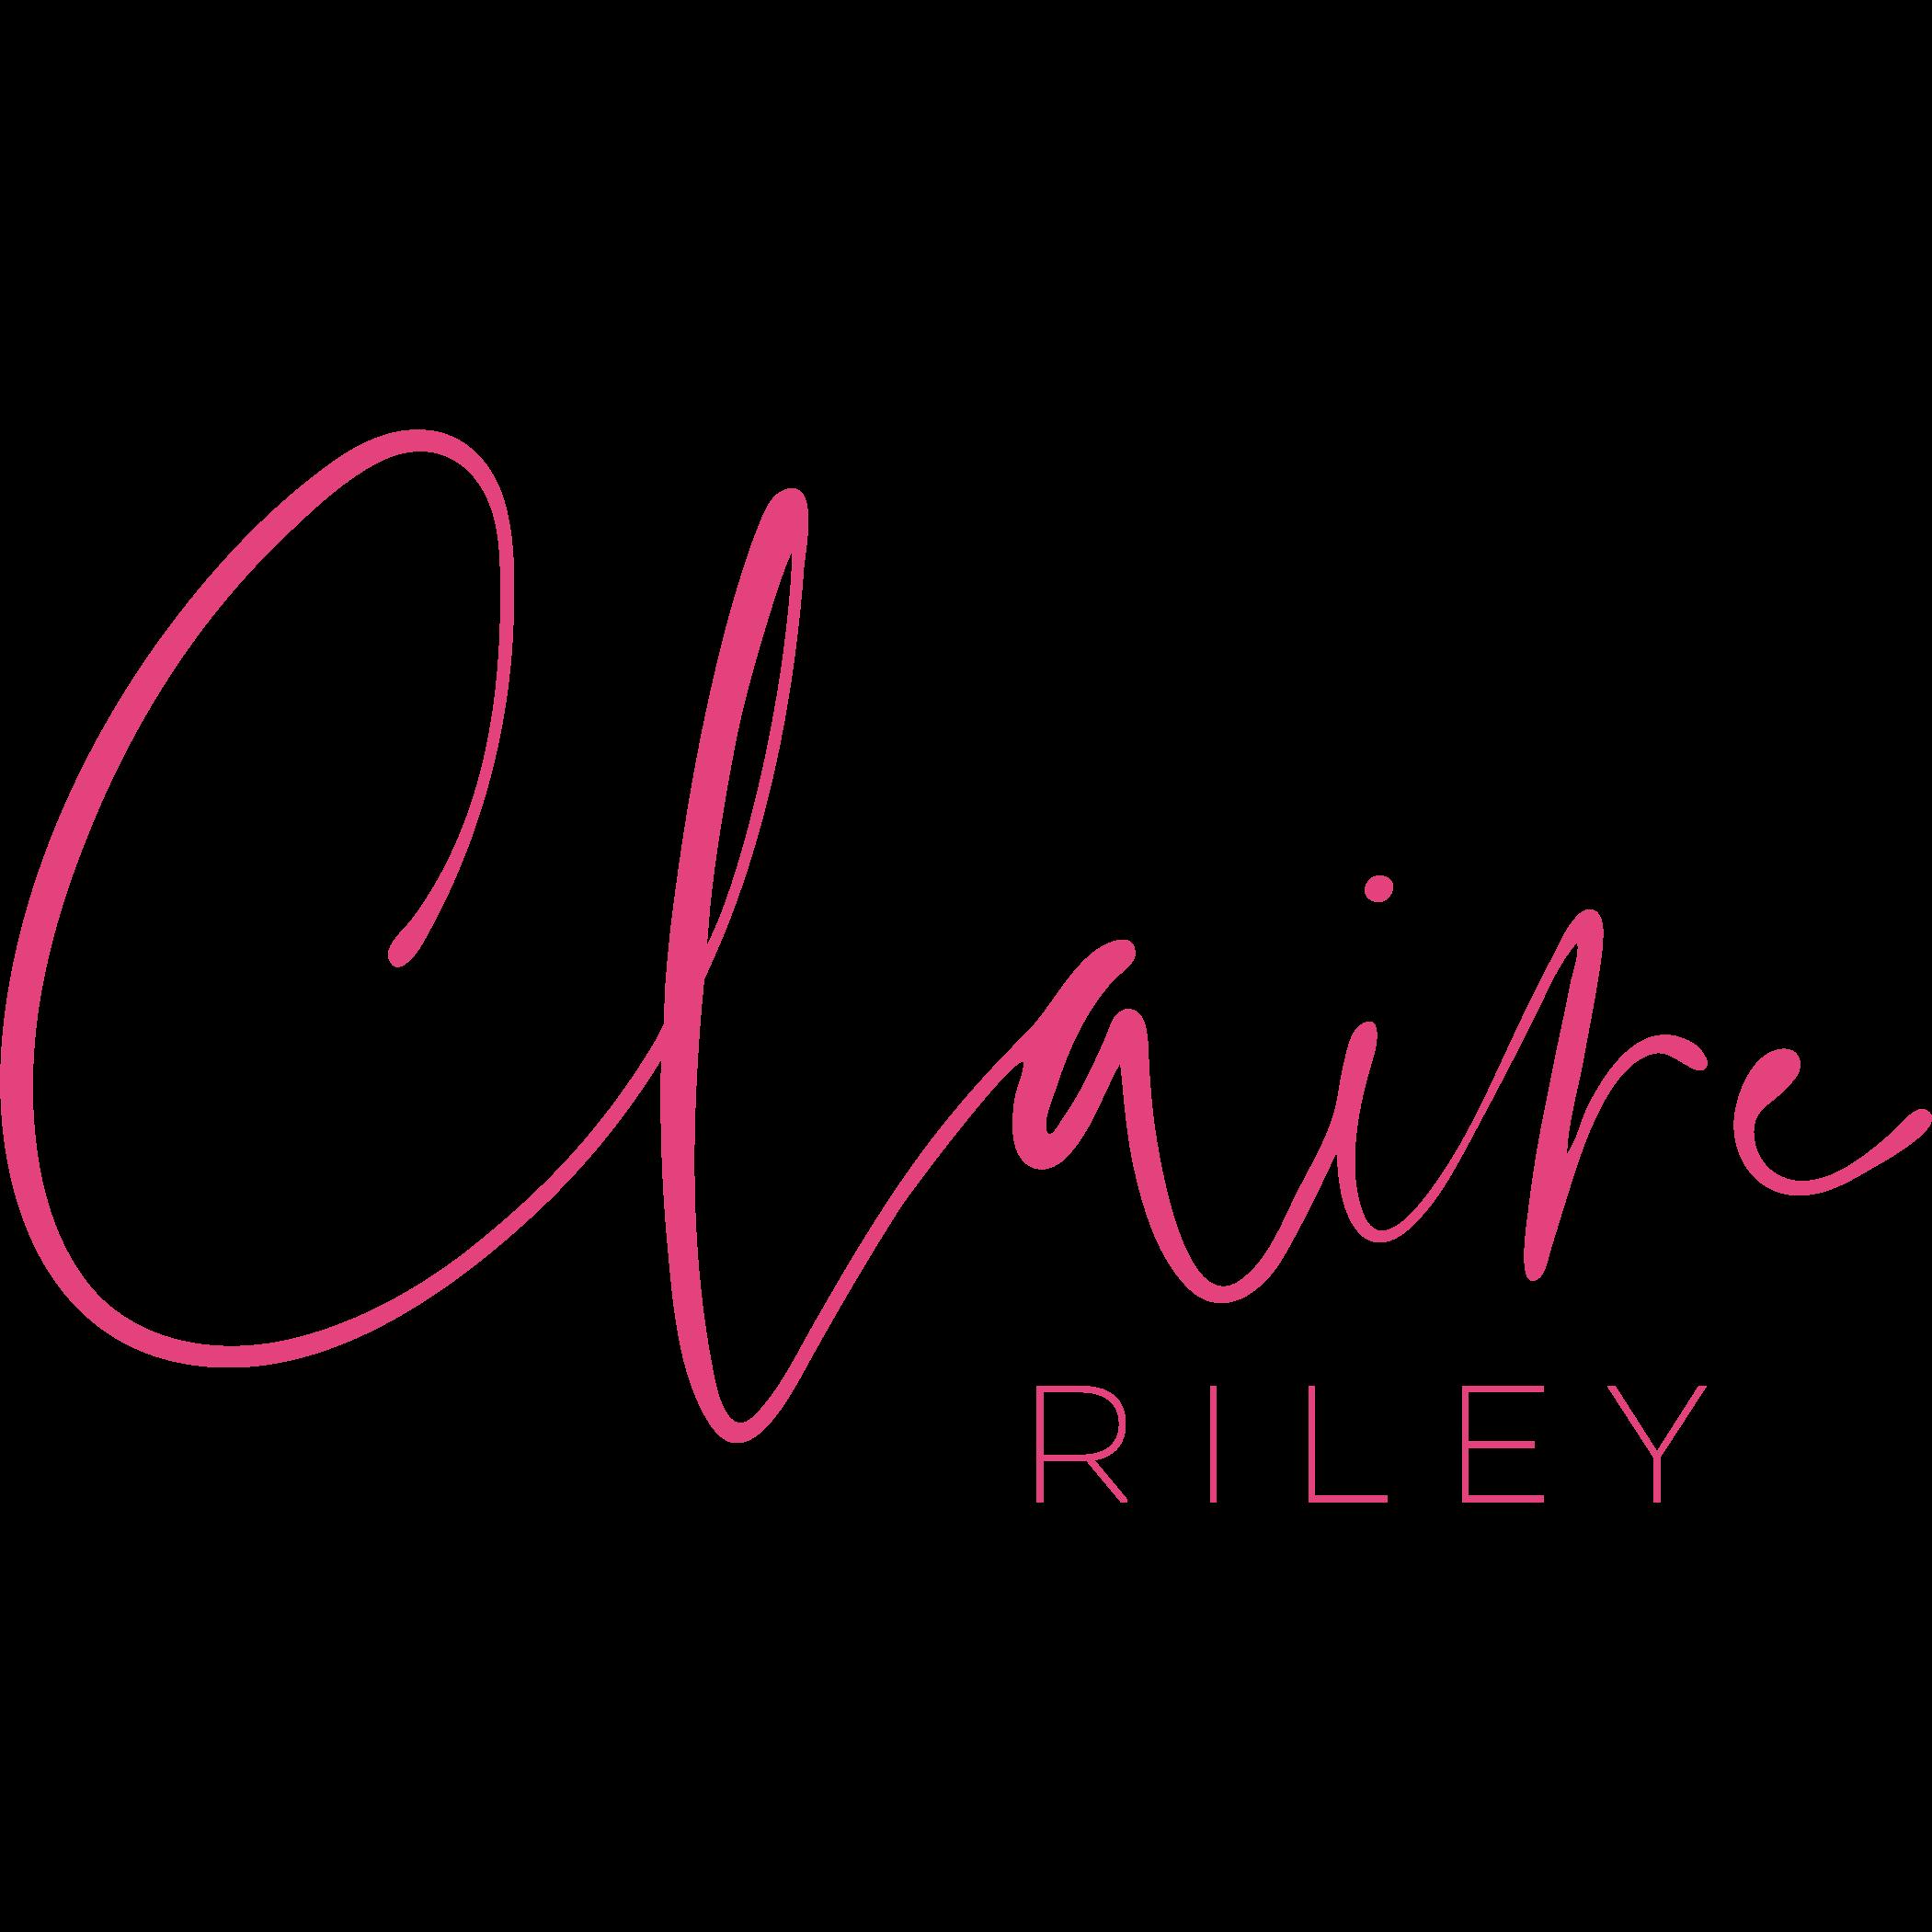 Claire Riley Studio